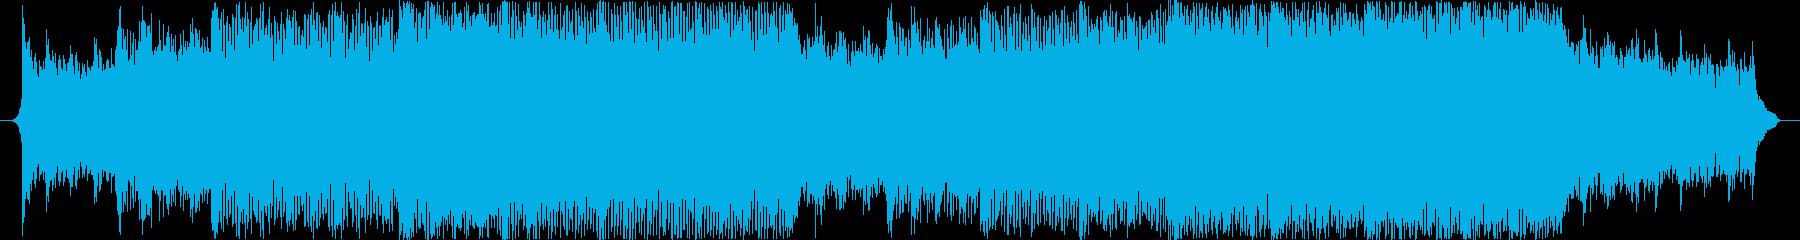 企業VPやプレゼンに、明るいBGMの再生済みの波形